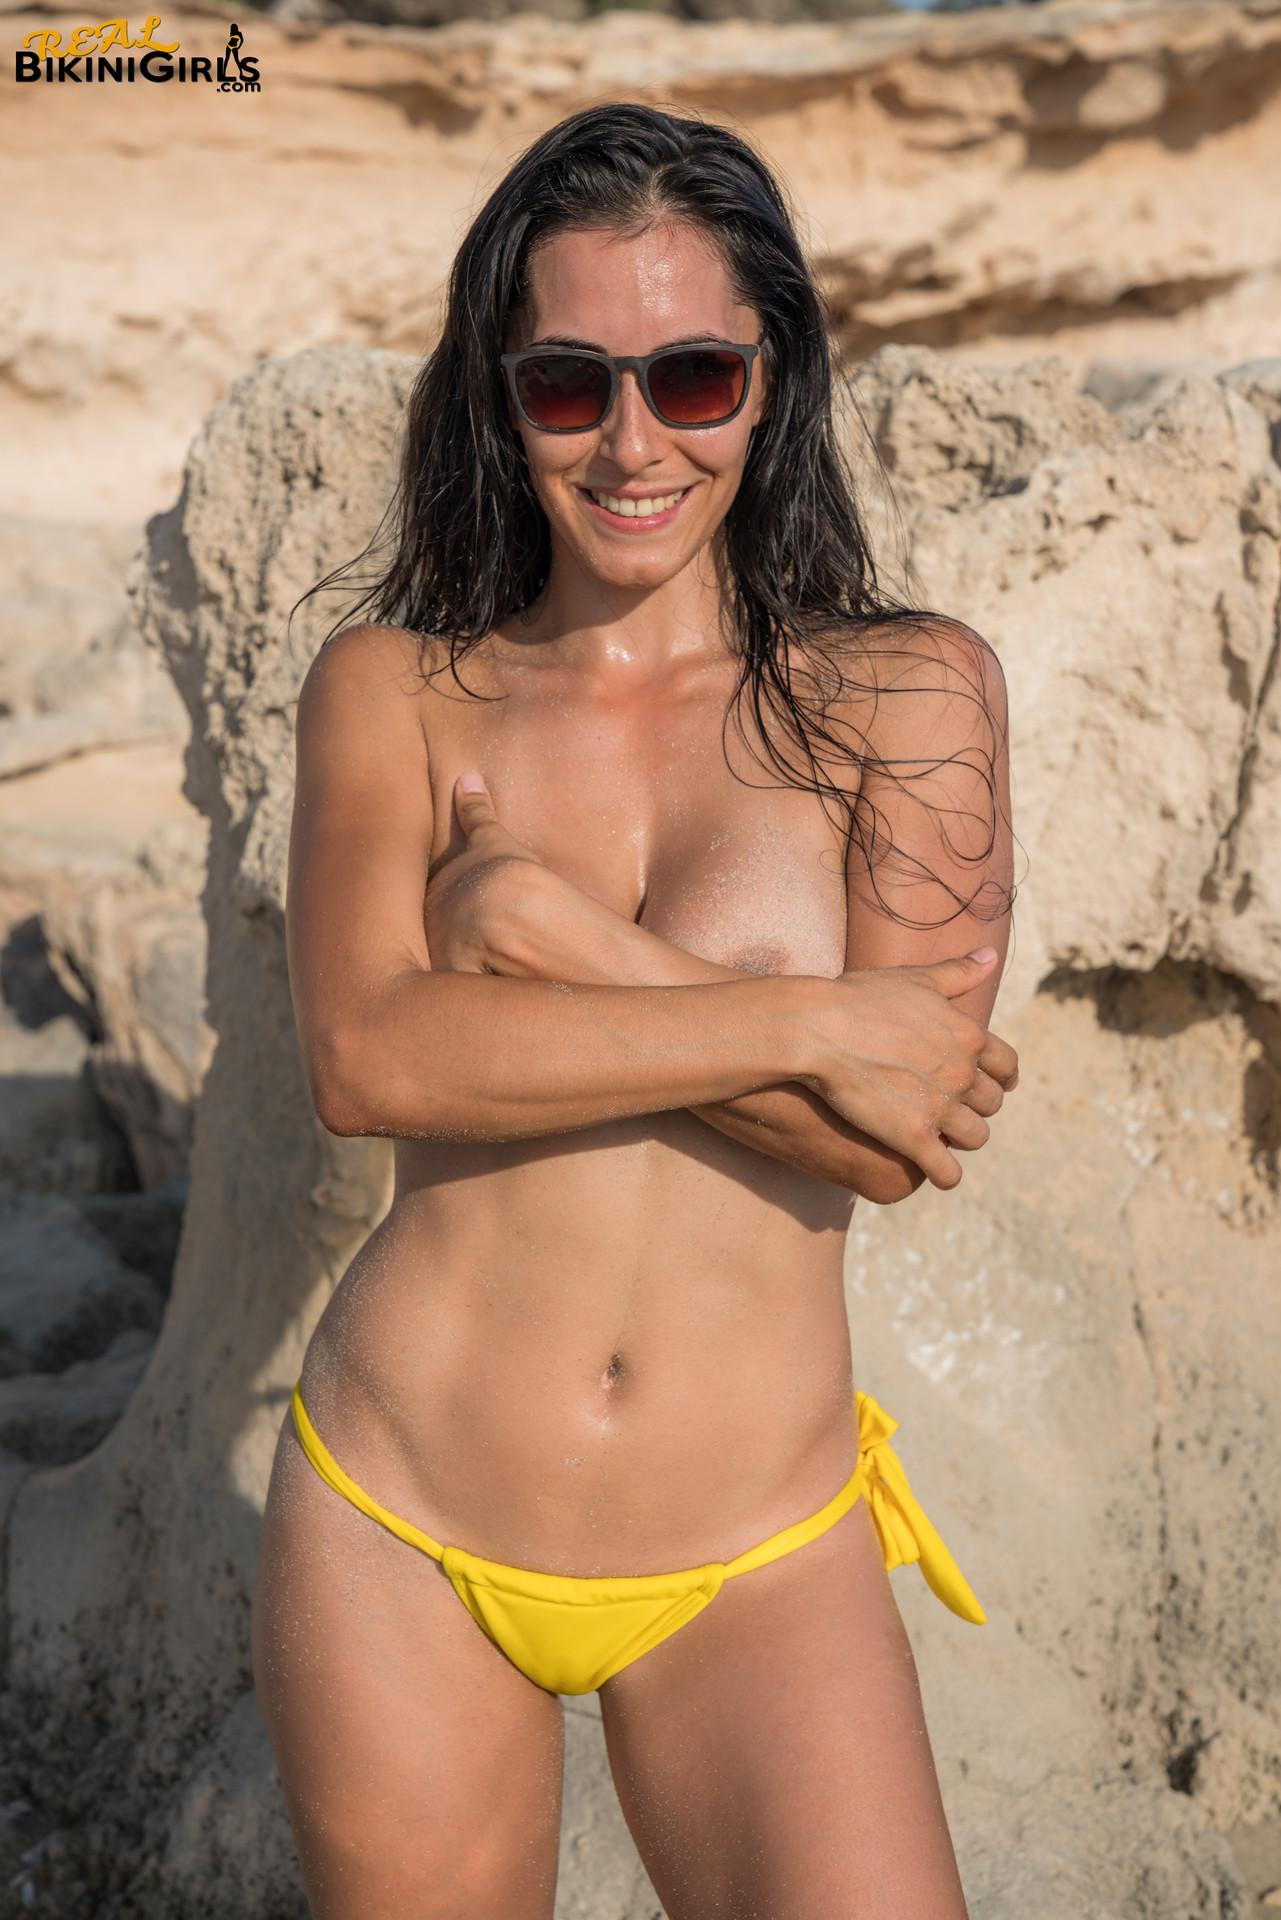 topless bikini girls